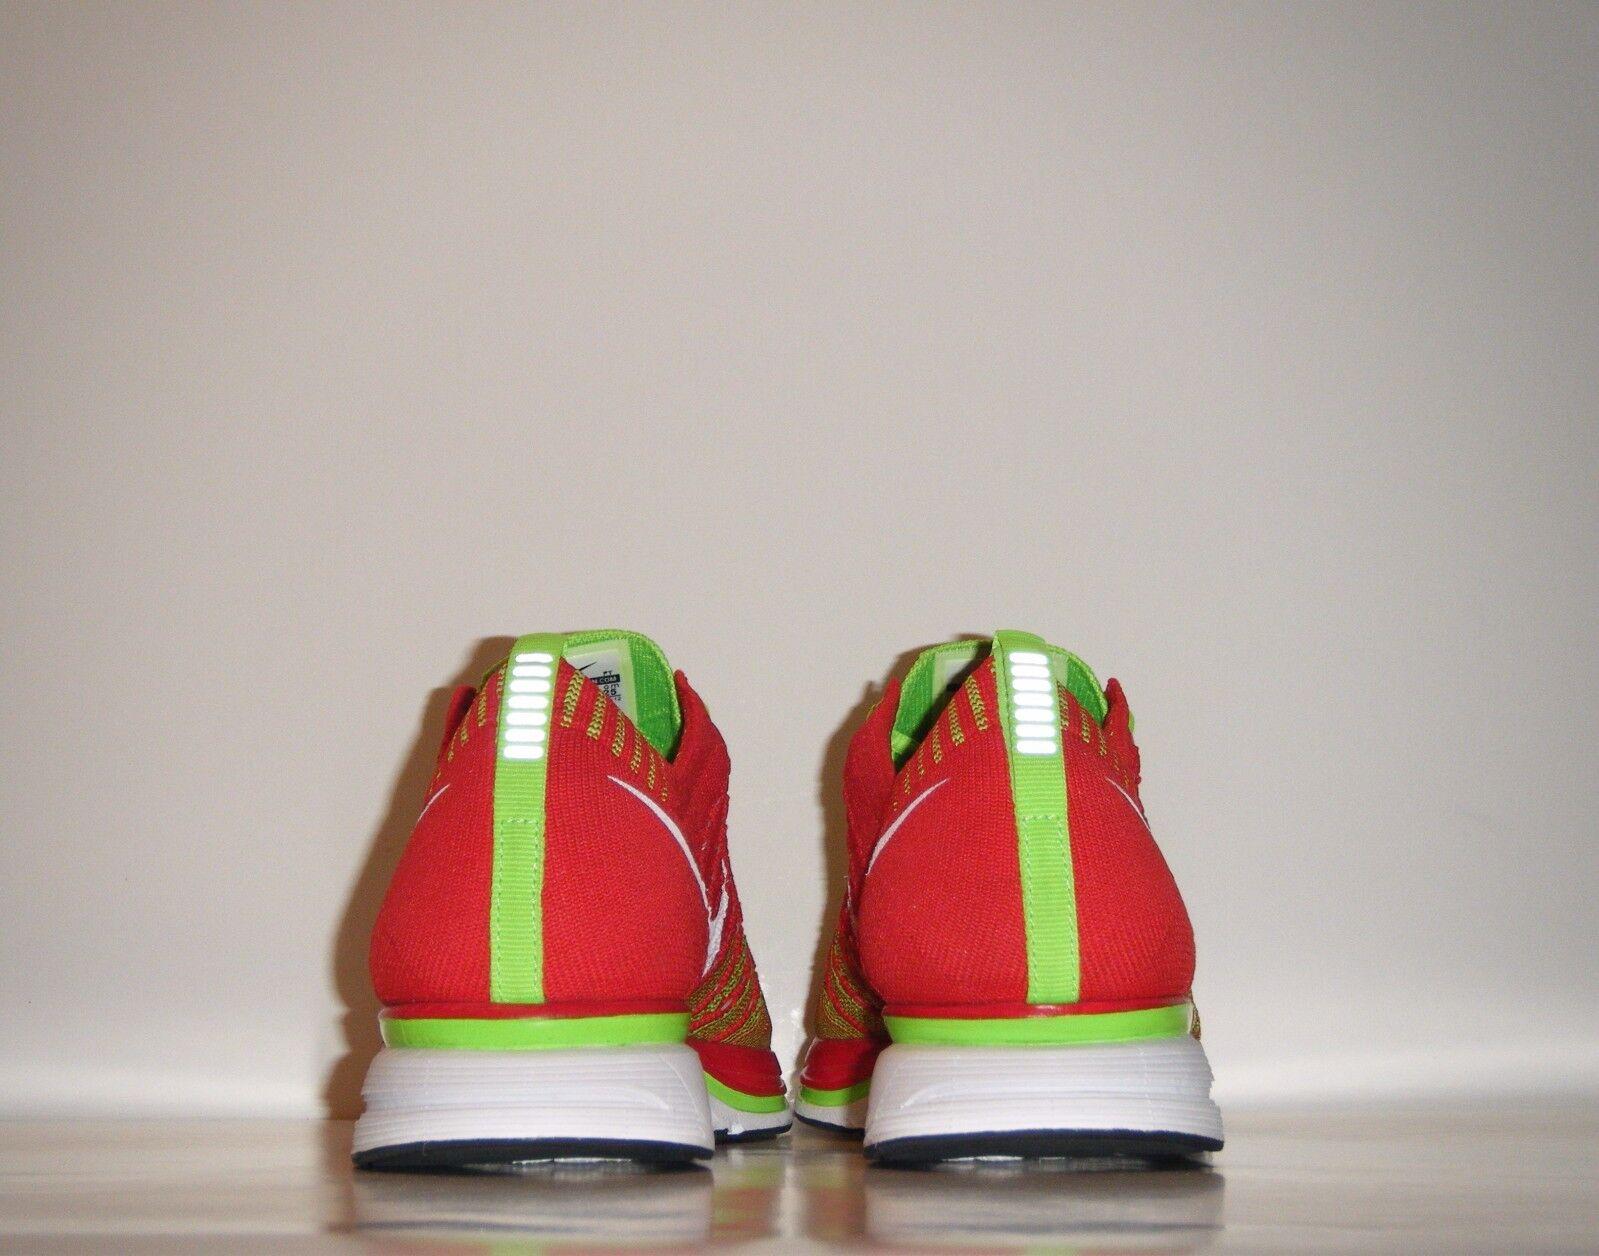 OG 2012 Nike Flyknit Flyknit Flyknit Trainer Xmas Red Green Sz 7 White Racer HTM Volt 532984-631 33b3c4